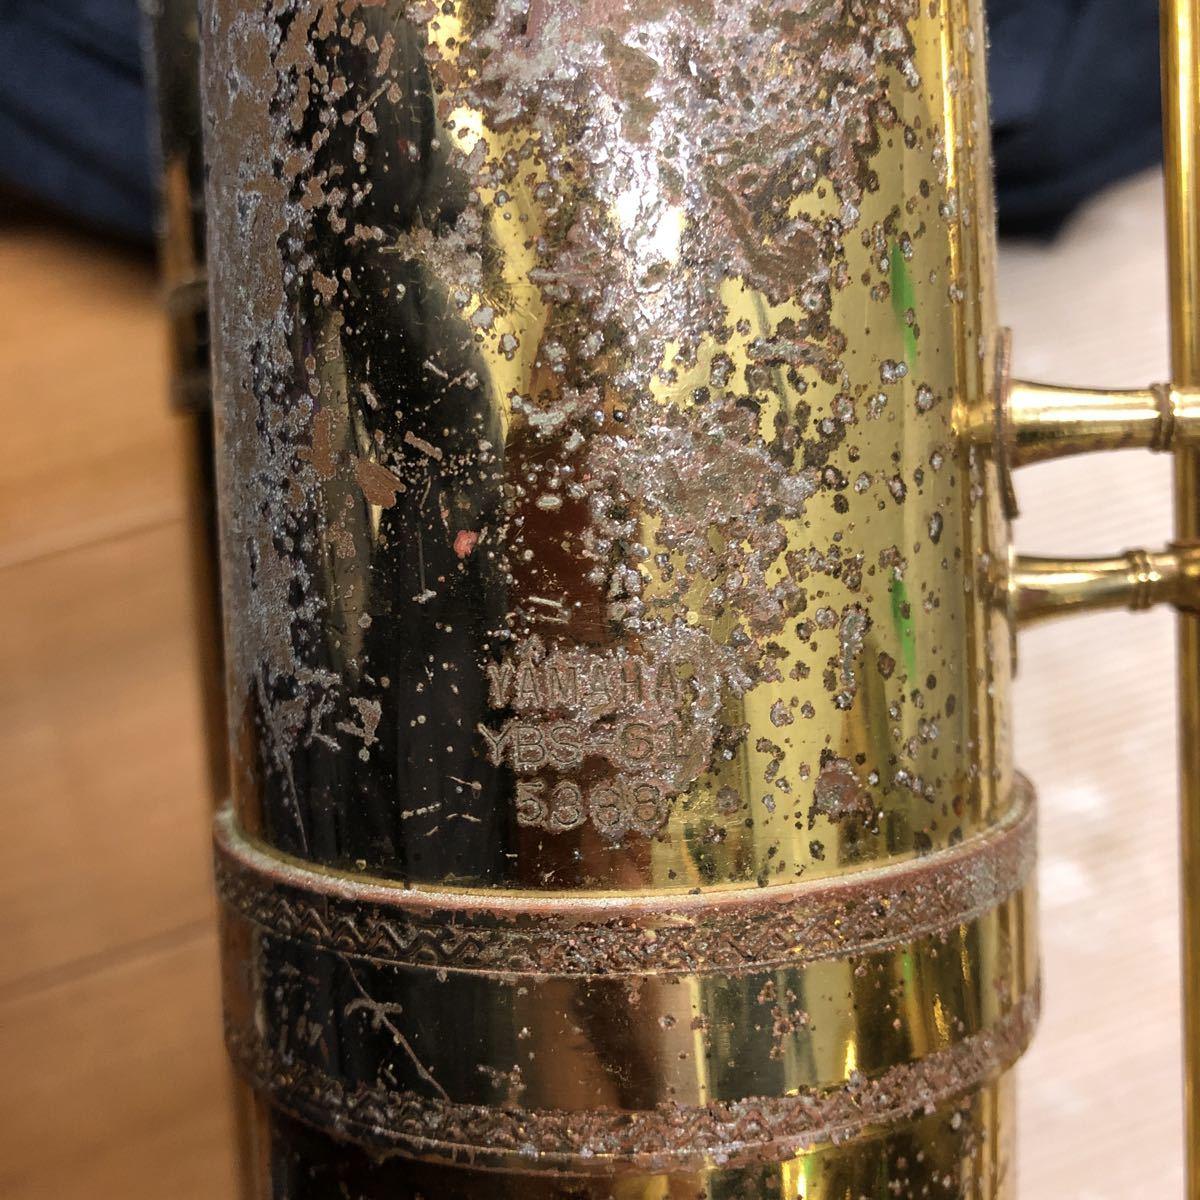 ★YAMAHA★ヤマハ バリトンサックス YBS-61 木管楽器 プロモデル 5388 ヴィンテージ 中古現状品 _画像9